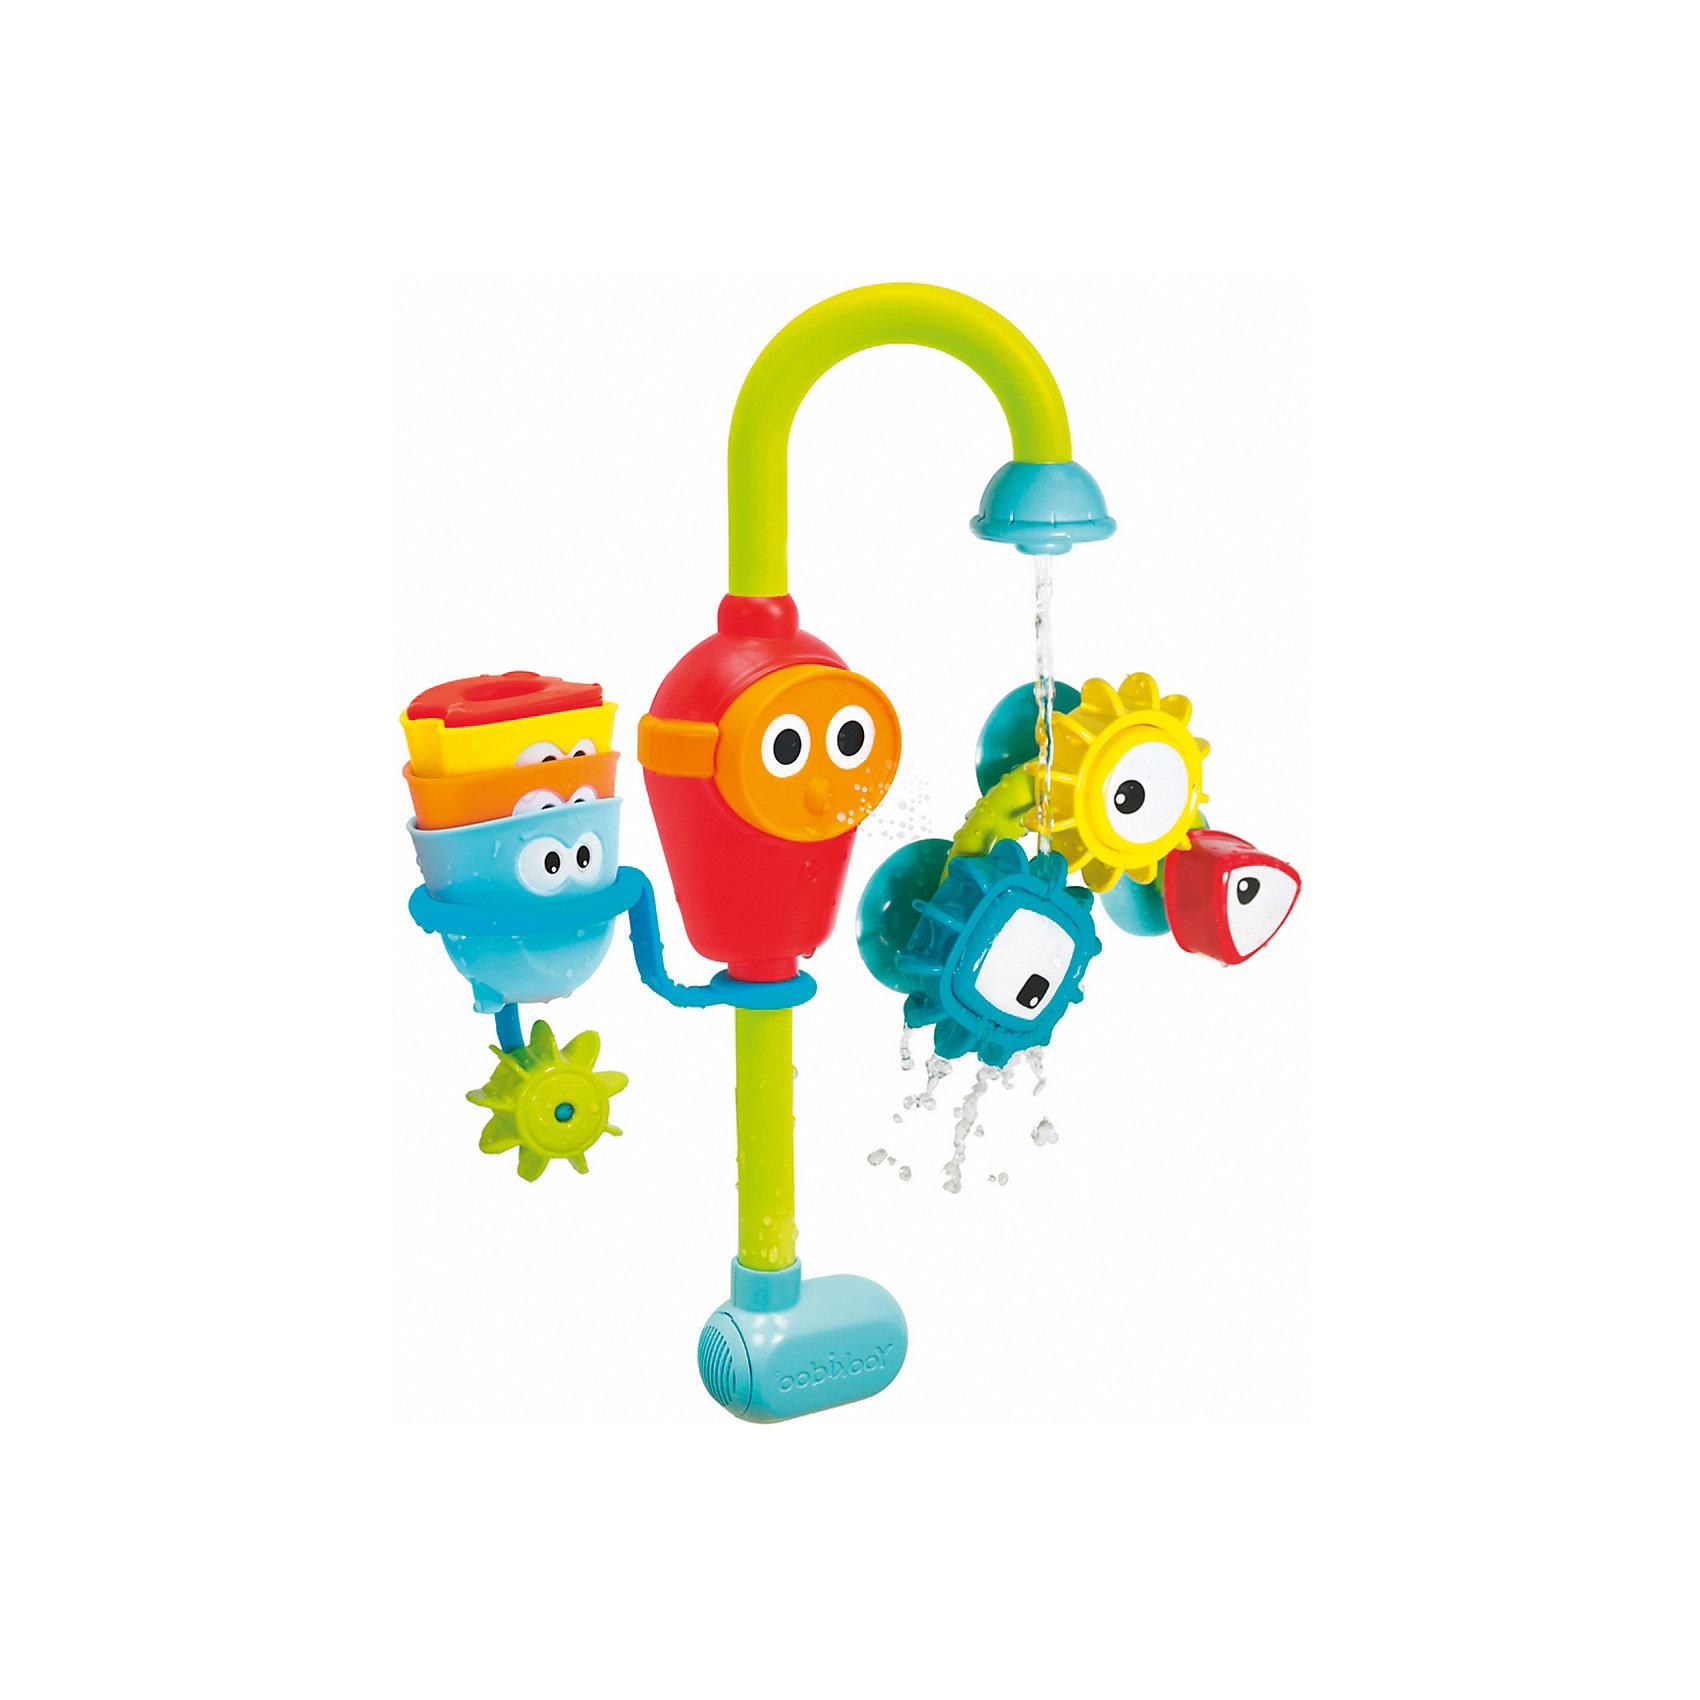 Игрушка водная сортер Волшебный кран большая, YookidooИгрушки для ванной<br>1) Волшебный кран - это многофунциональная водная игрушка, части которой крепятся к любой из стенок ванны. <br>2) Вода попадая под три различные волшебные насадки, постоянно меняет свое направление. <br>3) Насадки можно комбинировать создавая настоящее чудо! <br>4) Все детали игрушки специально разработаны для маленьких ручек.<br>5) Работает от батареек «АА» x 3 (не входят в комплект).<br><br>Ширина мм: 280<br>Глубина мм: 90<br>Высота мм: 390<br>Вес г: 850<br>Возраст от месяцев: -2147483648<br>Возраст до месяцев: 2147483647<br>Пол: Унисекс<br>Возраст: Детский<br>SKU: 6844391